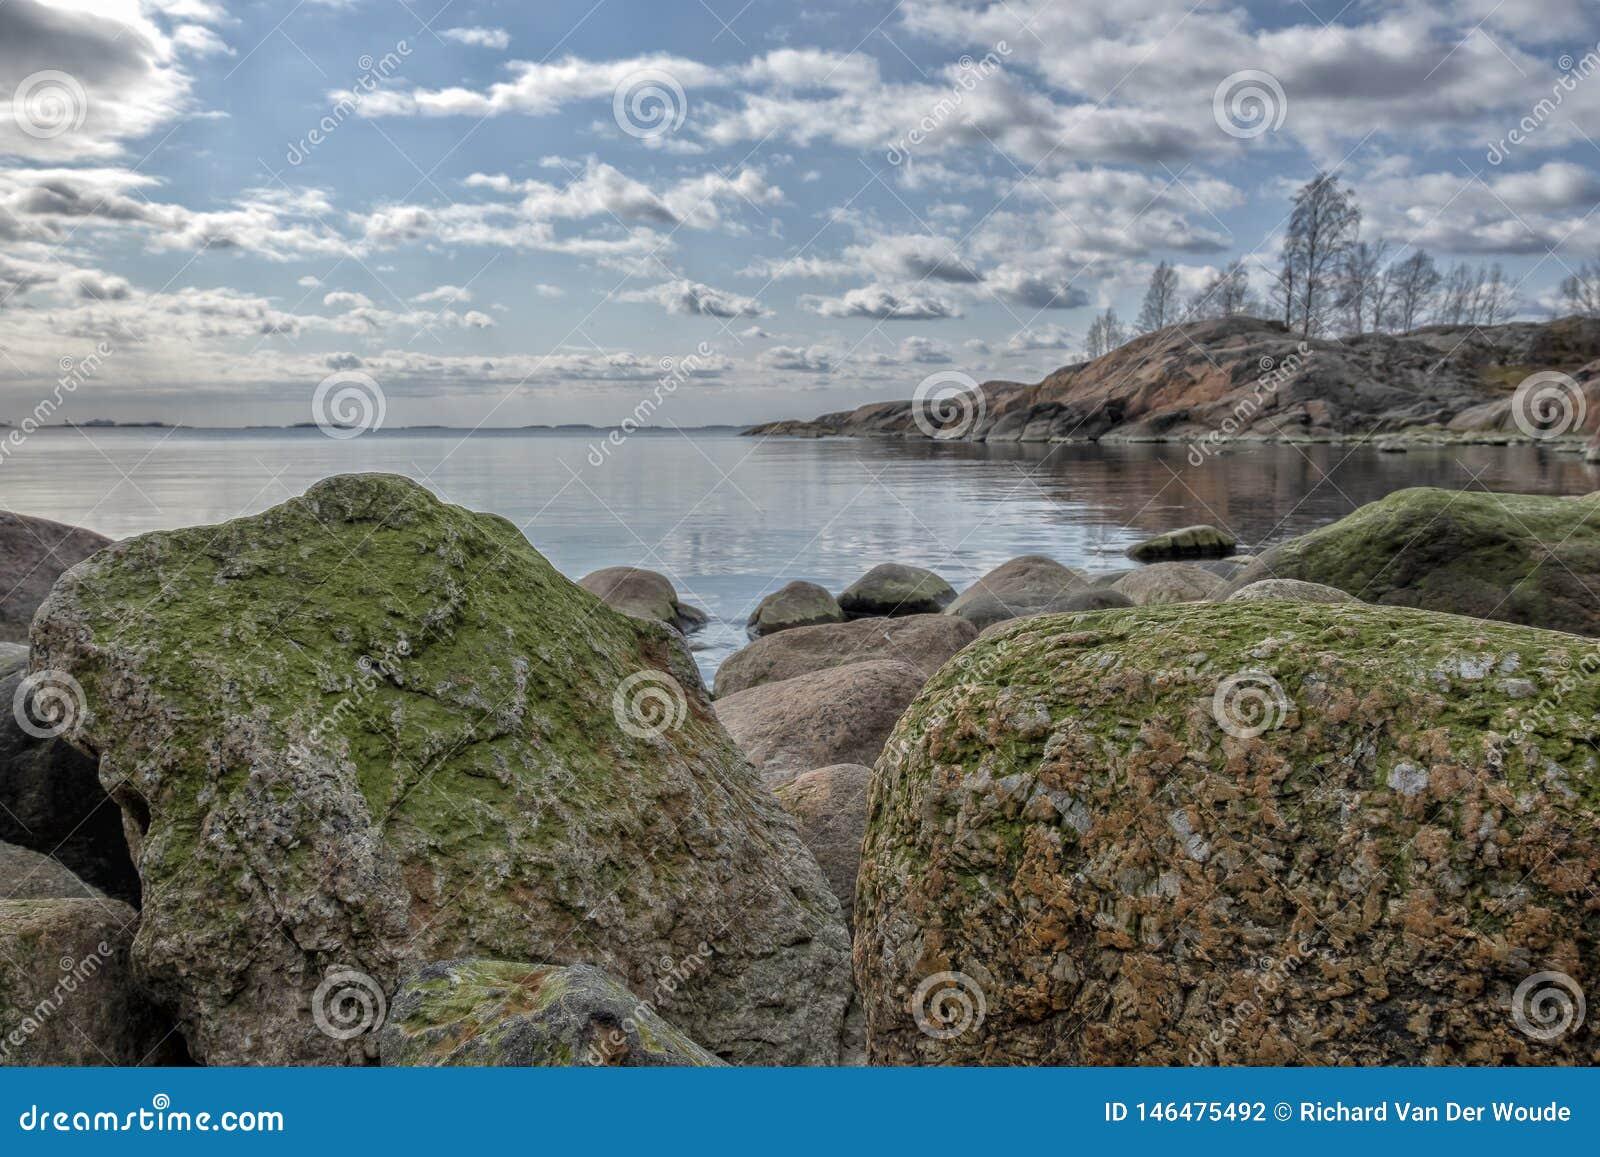 De rotsachtige Oostzee van de kustlijn